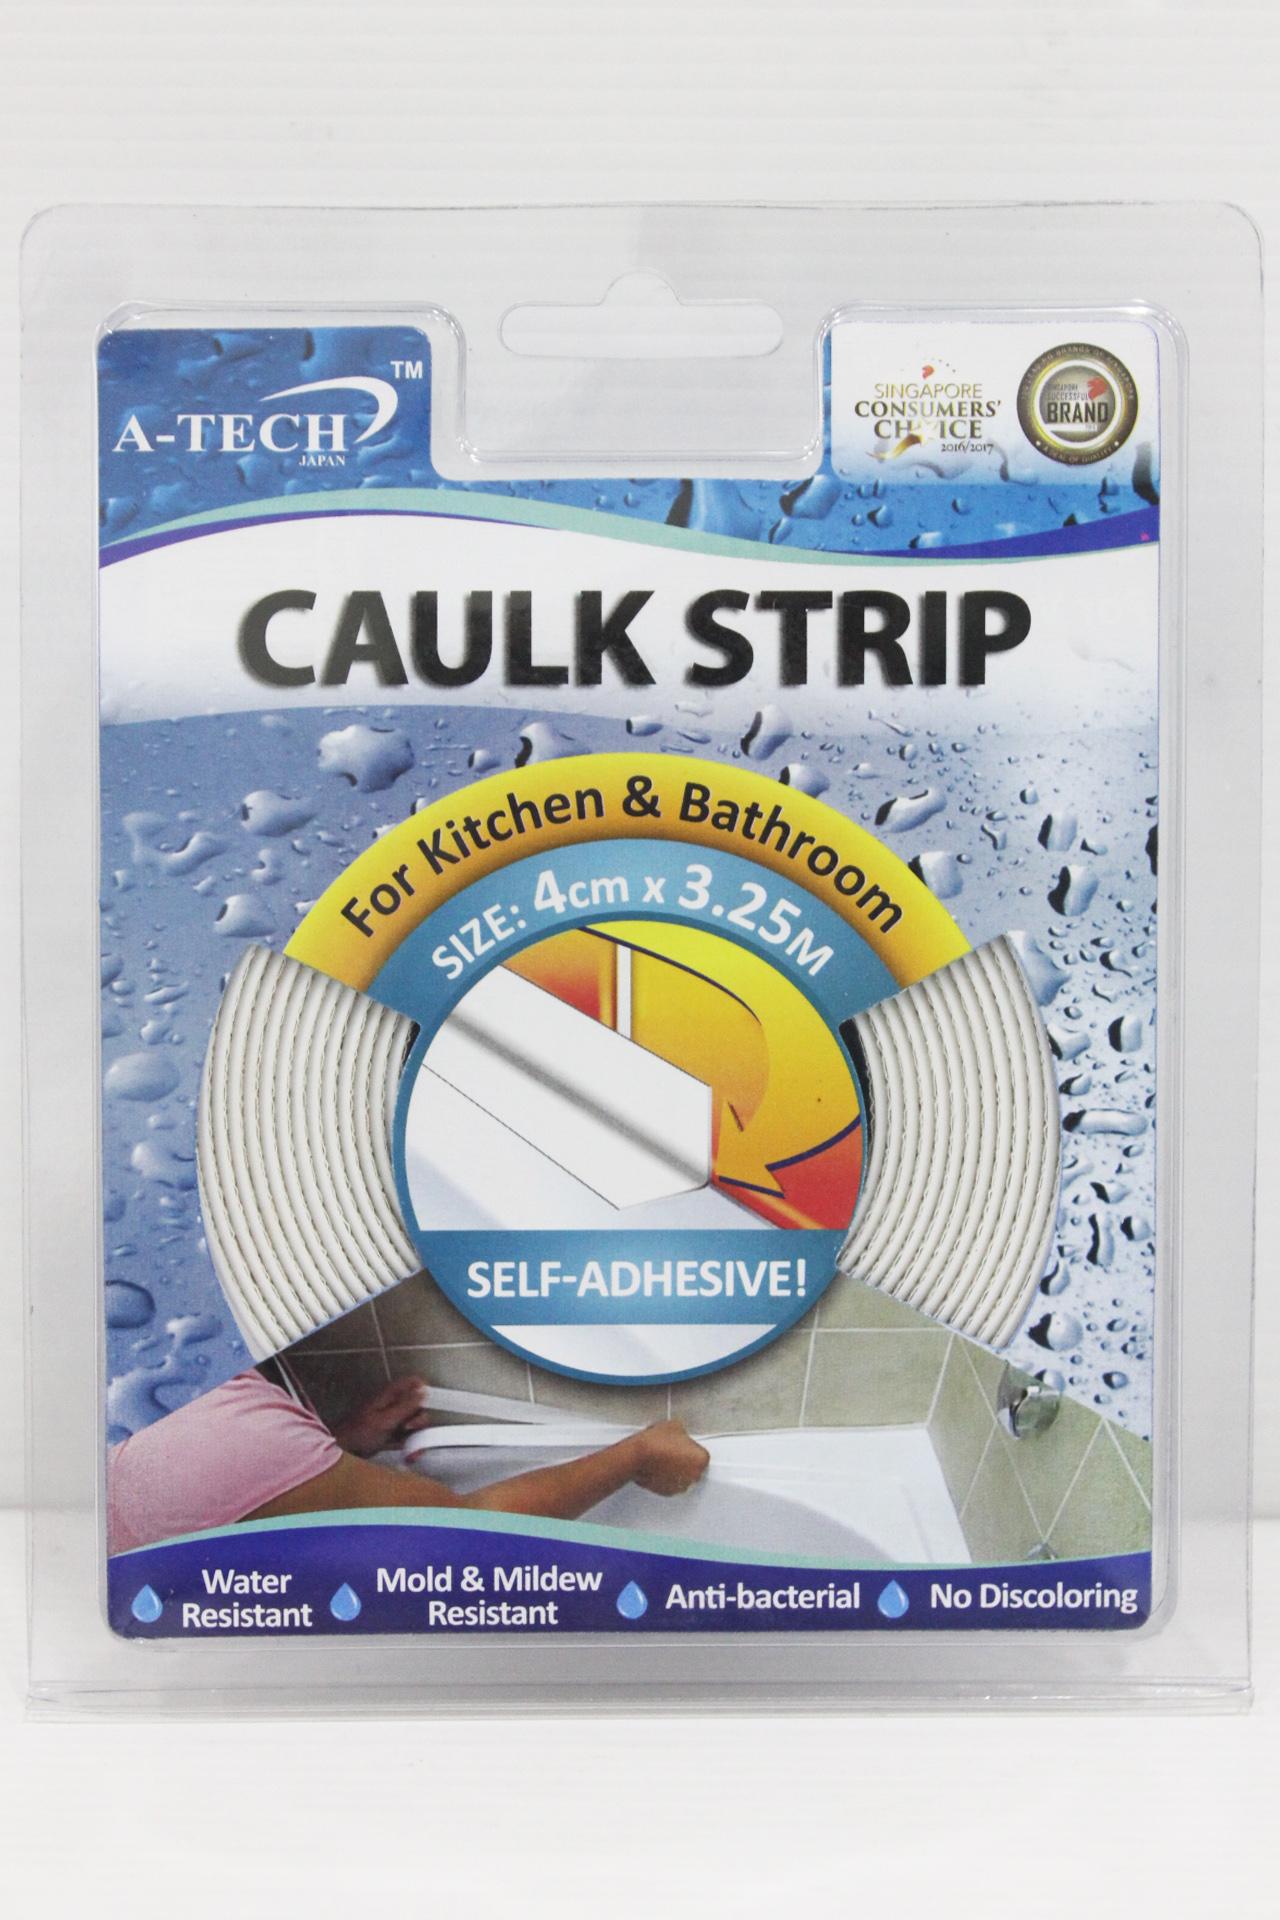 CAULK STRIP (KITCHEN & BATHROOM) - 4cm x 3.25Metre - A-Tech